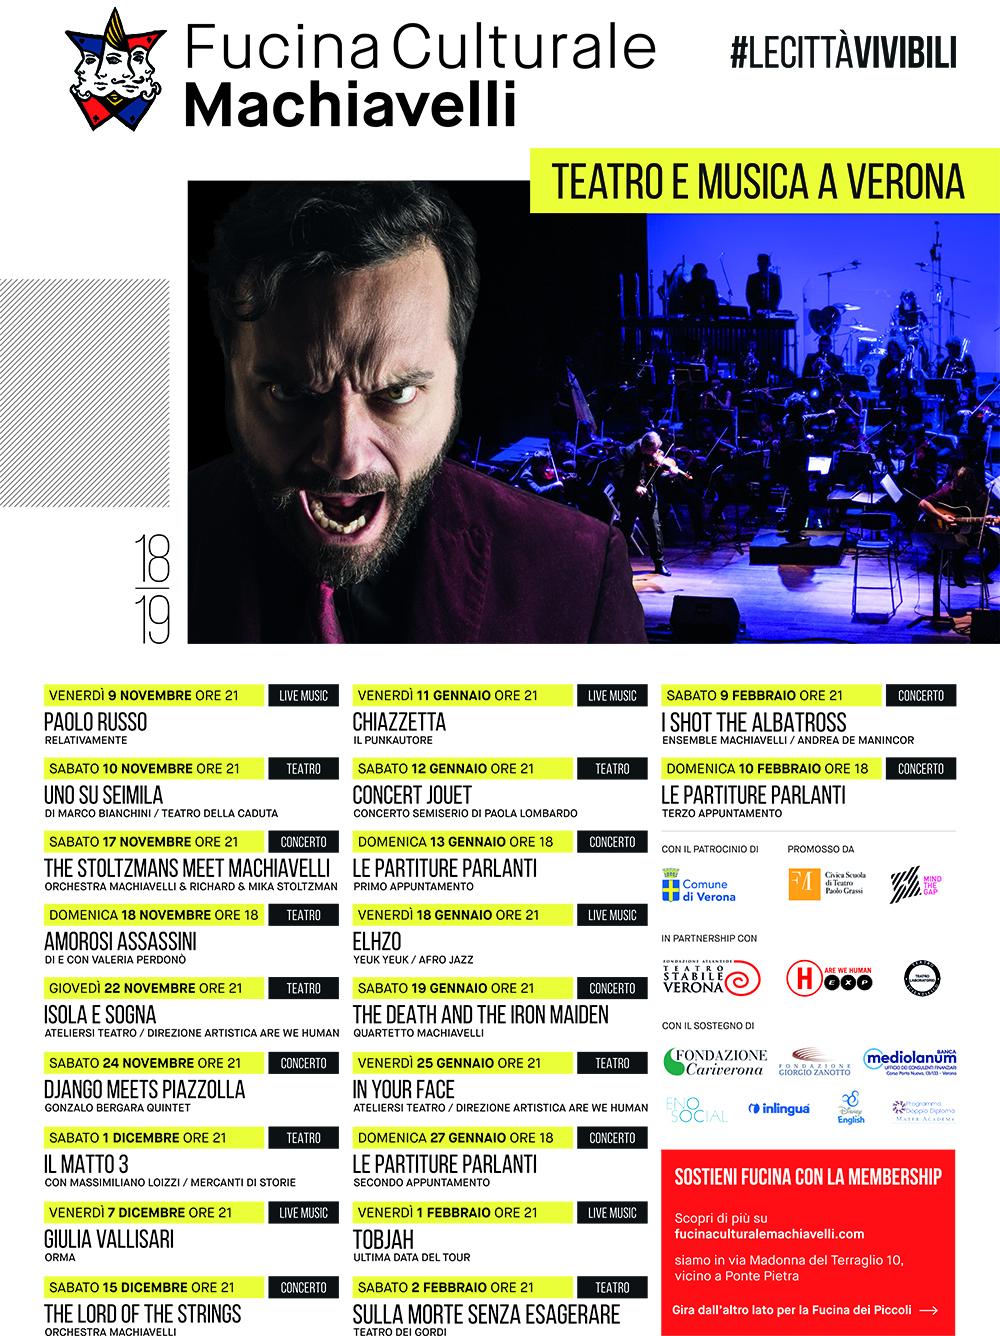 Spettacoli_Adulti_Fucina-Culturale-Machiavelli-Cartellone-18-19